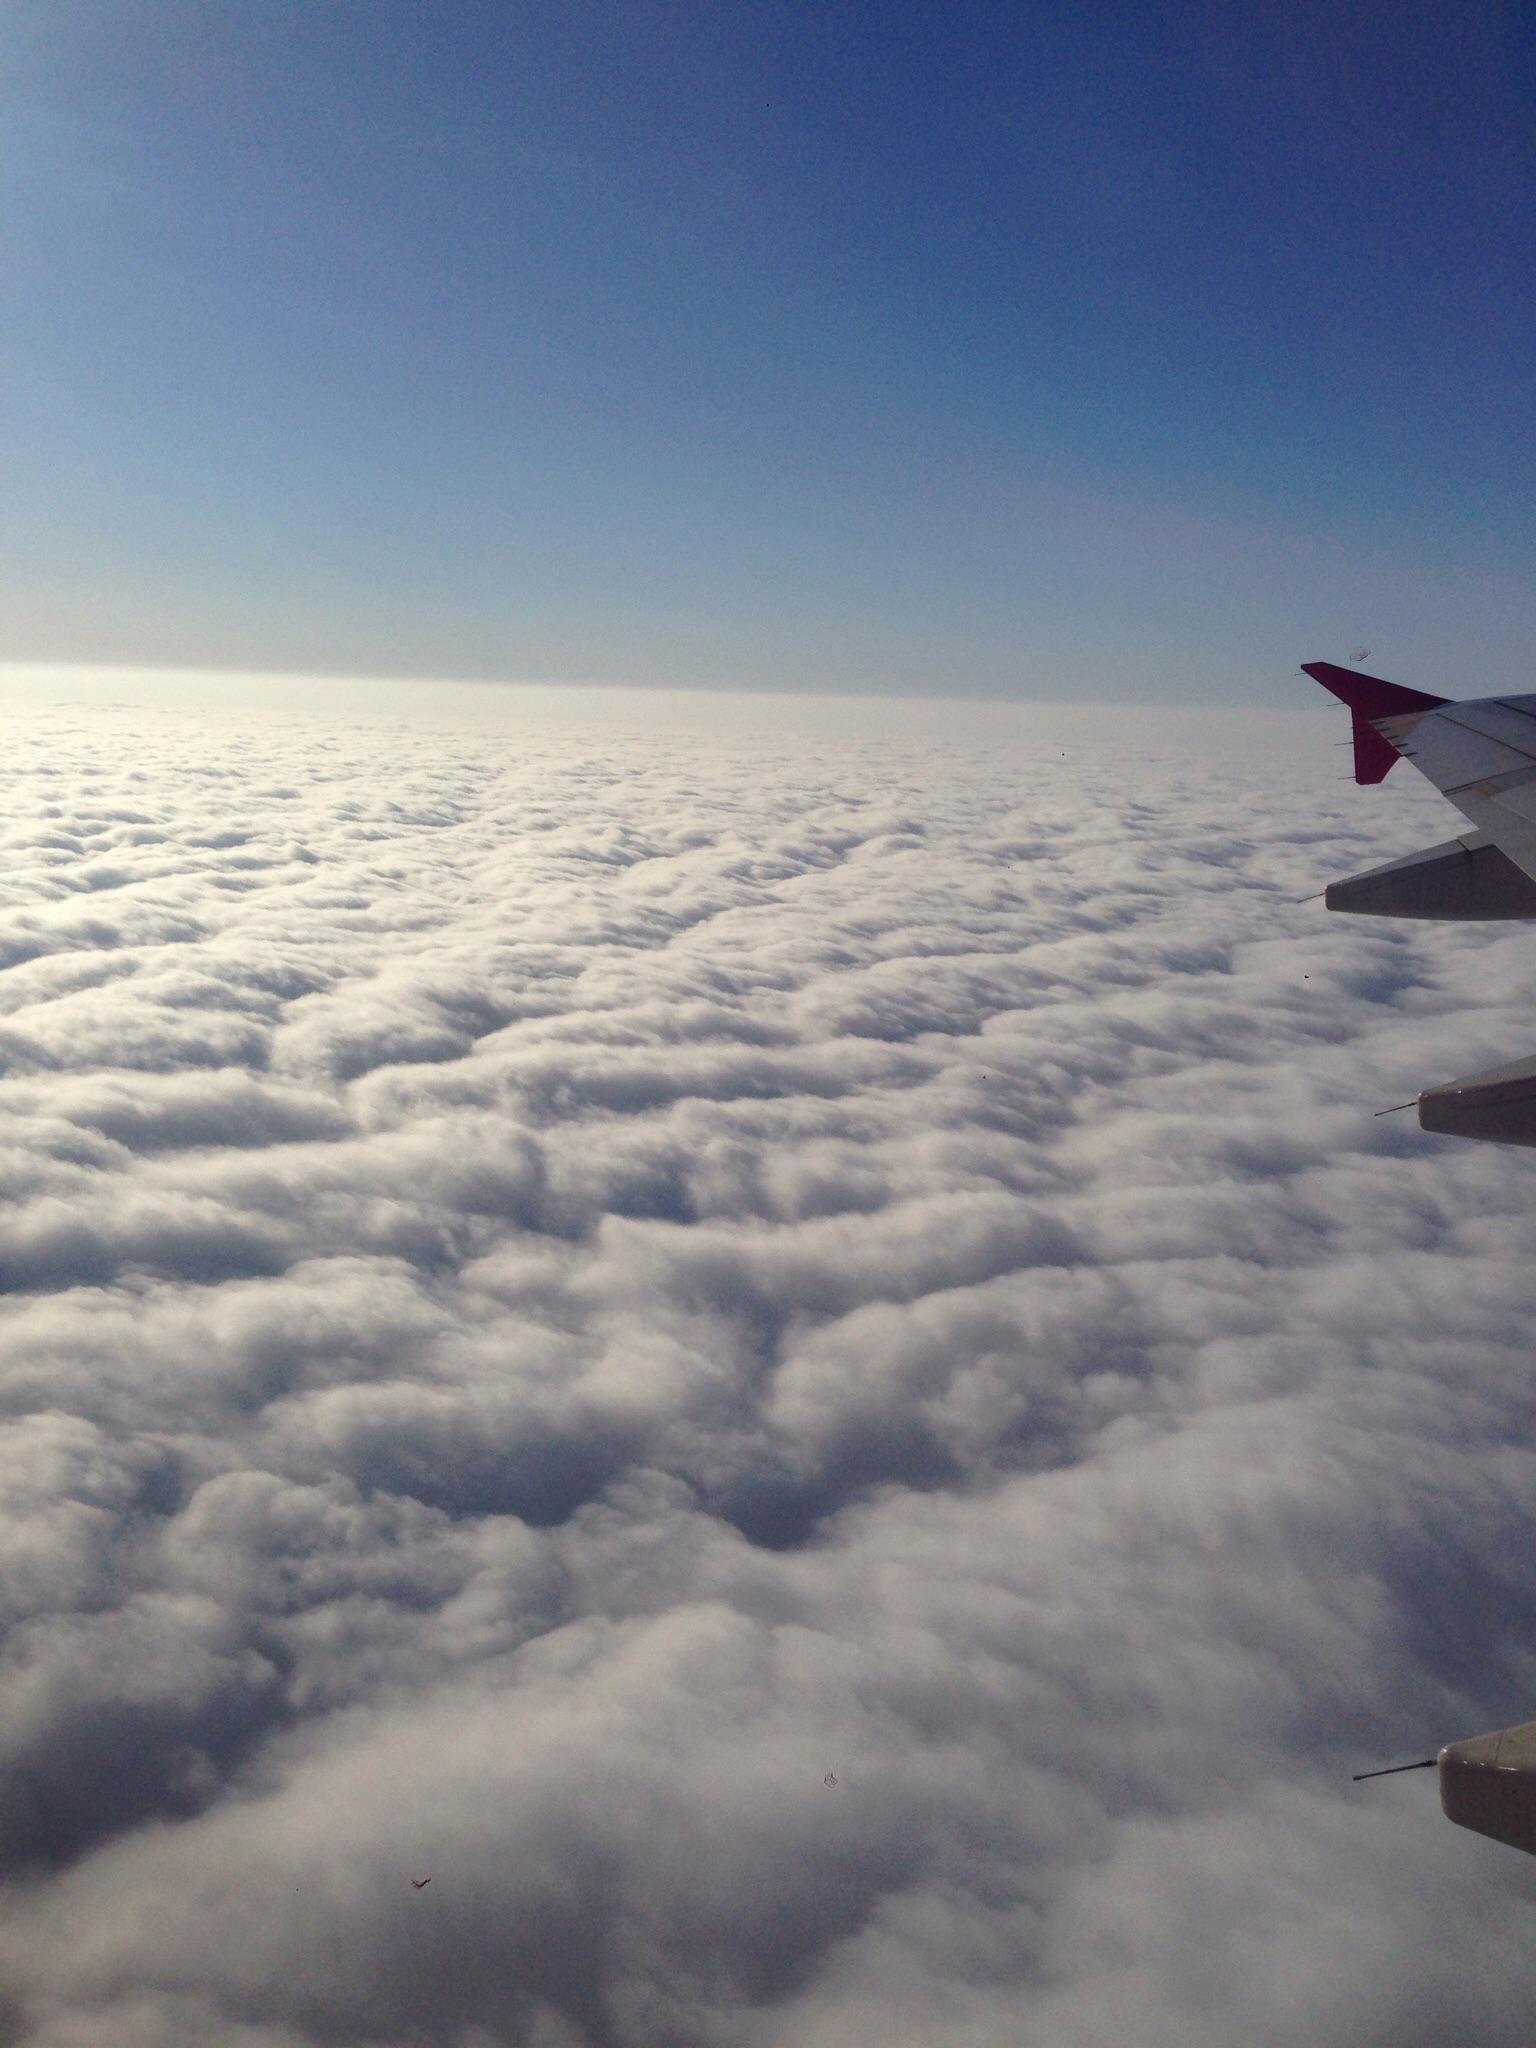 飛行機からの景色は素敵でした